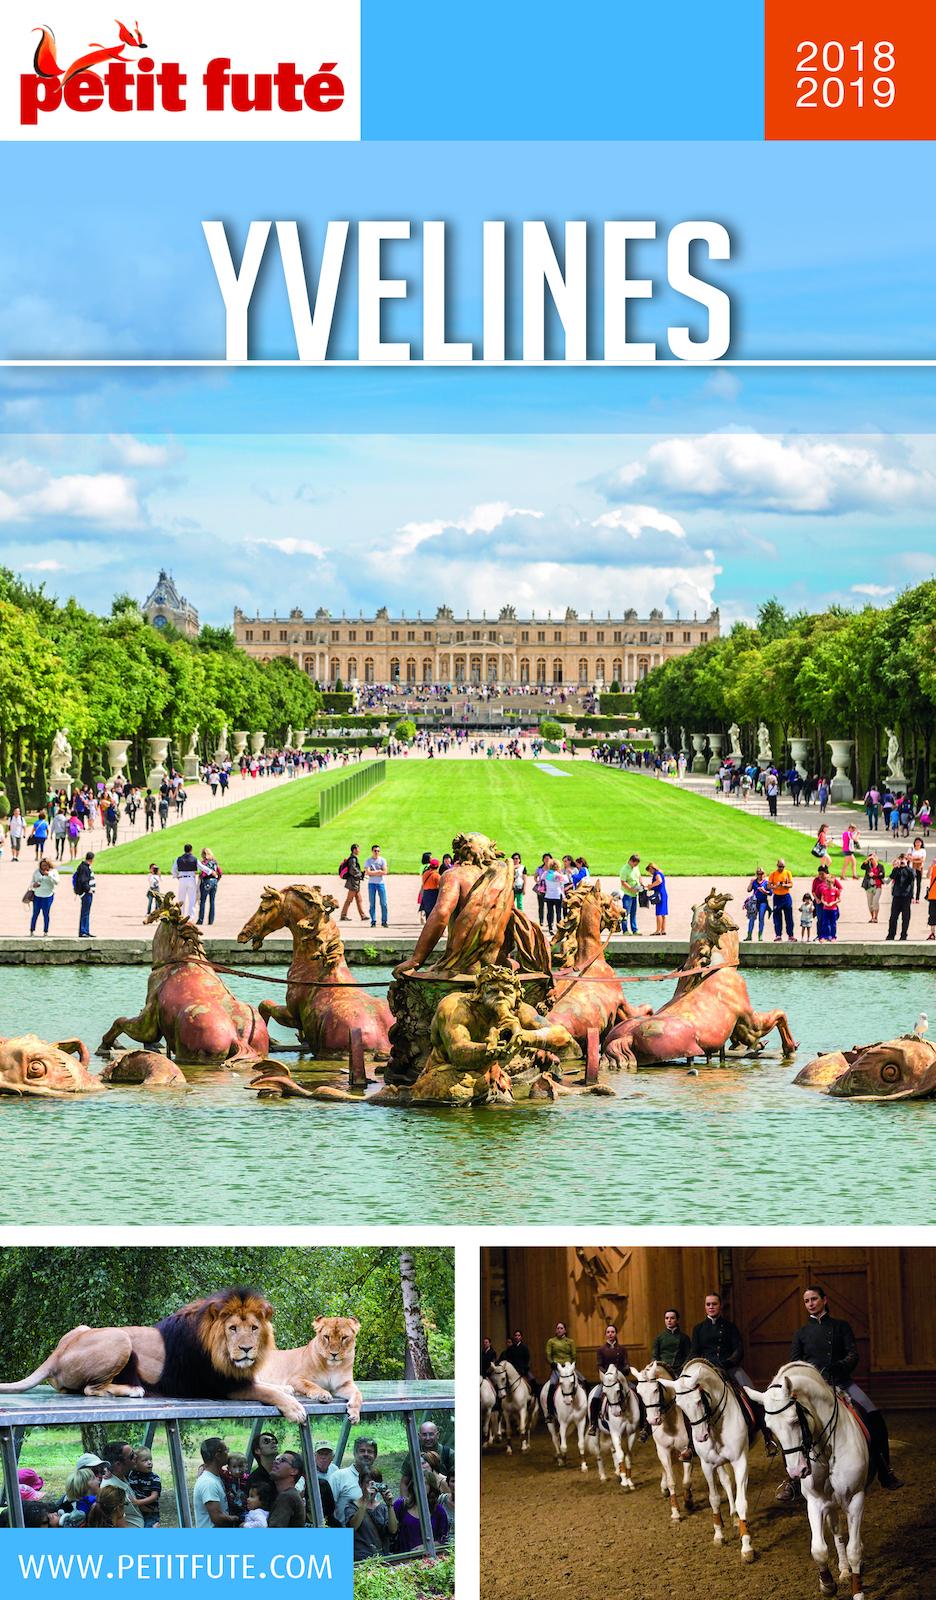 YVELINES 2019 Petit Futé